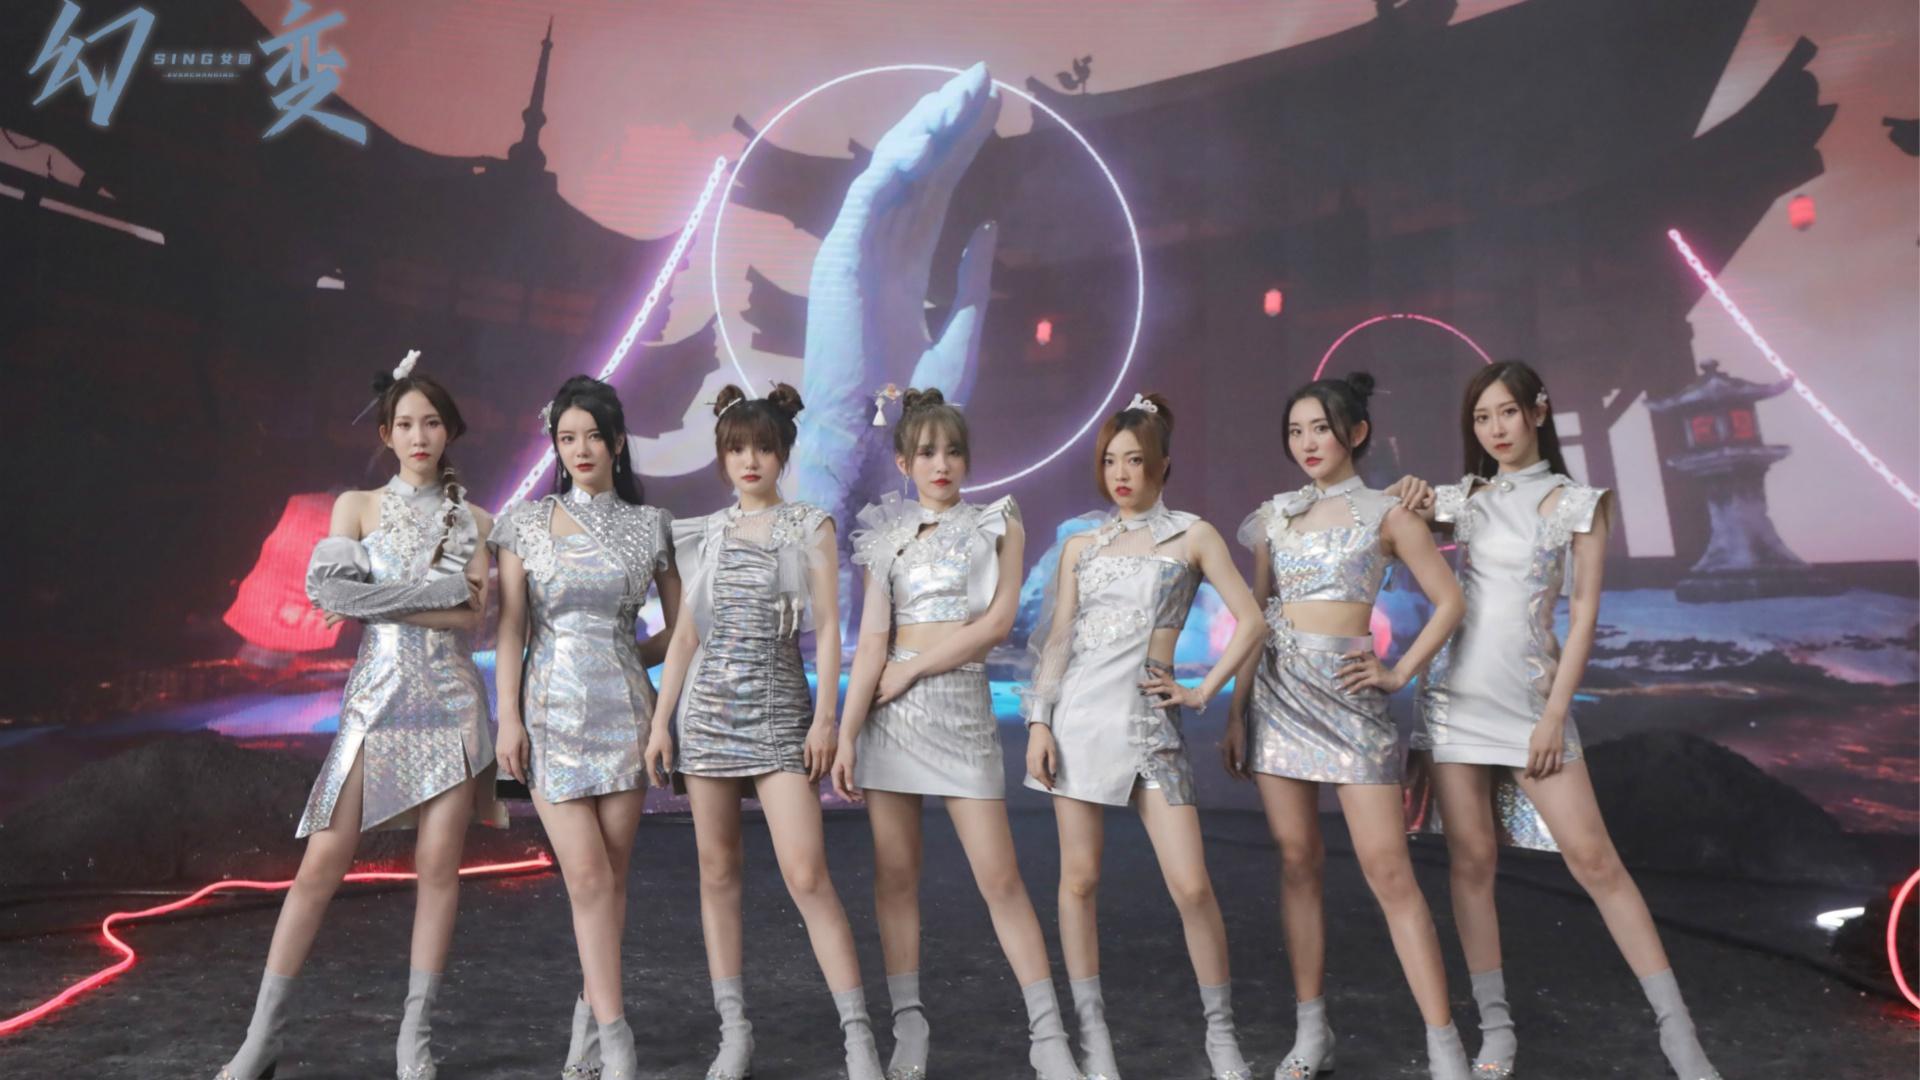 SING女团年度主打曲《幻变》MV上线 科幻动感再创国风新境